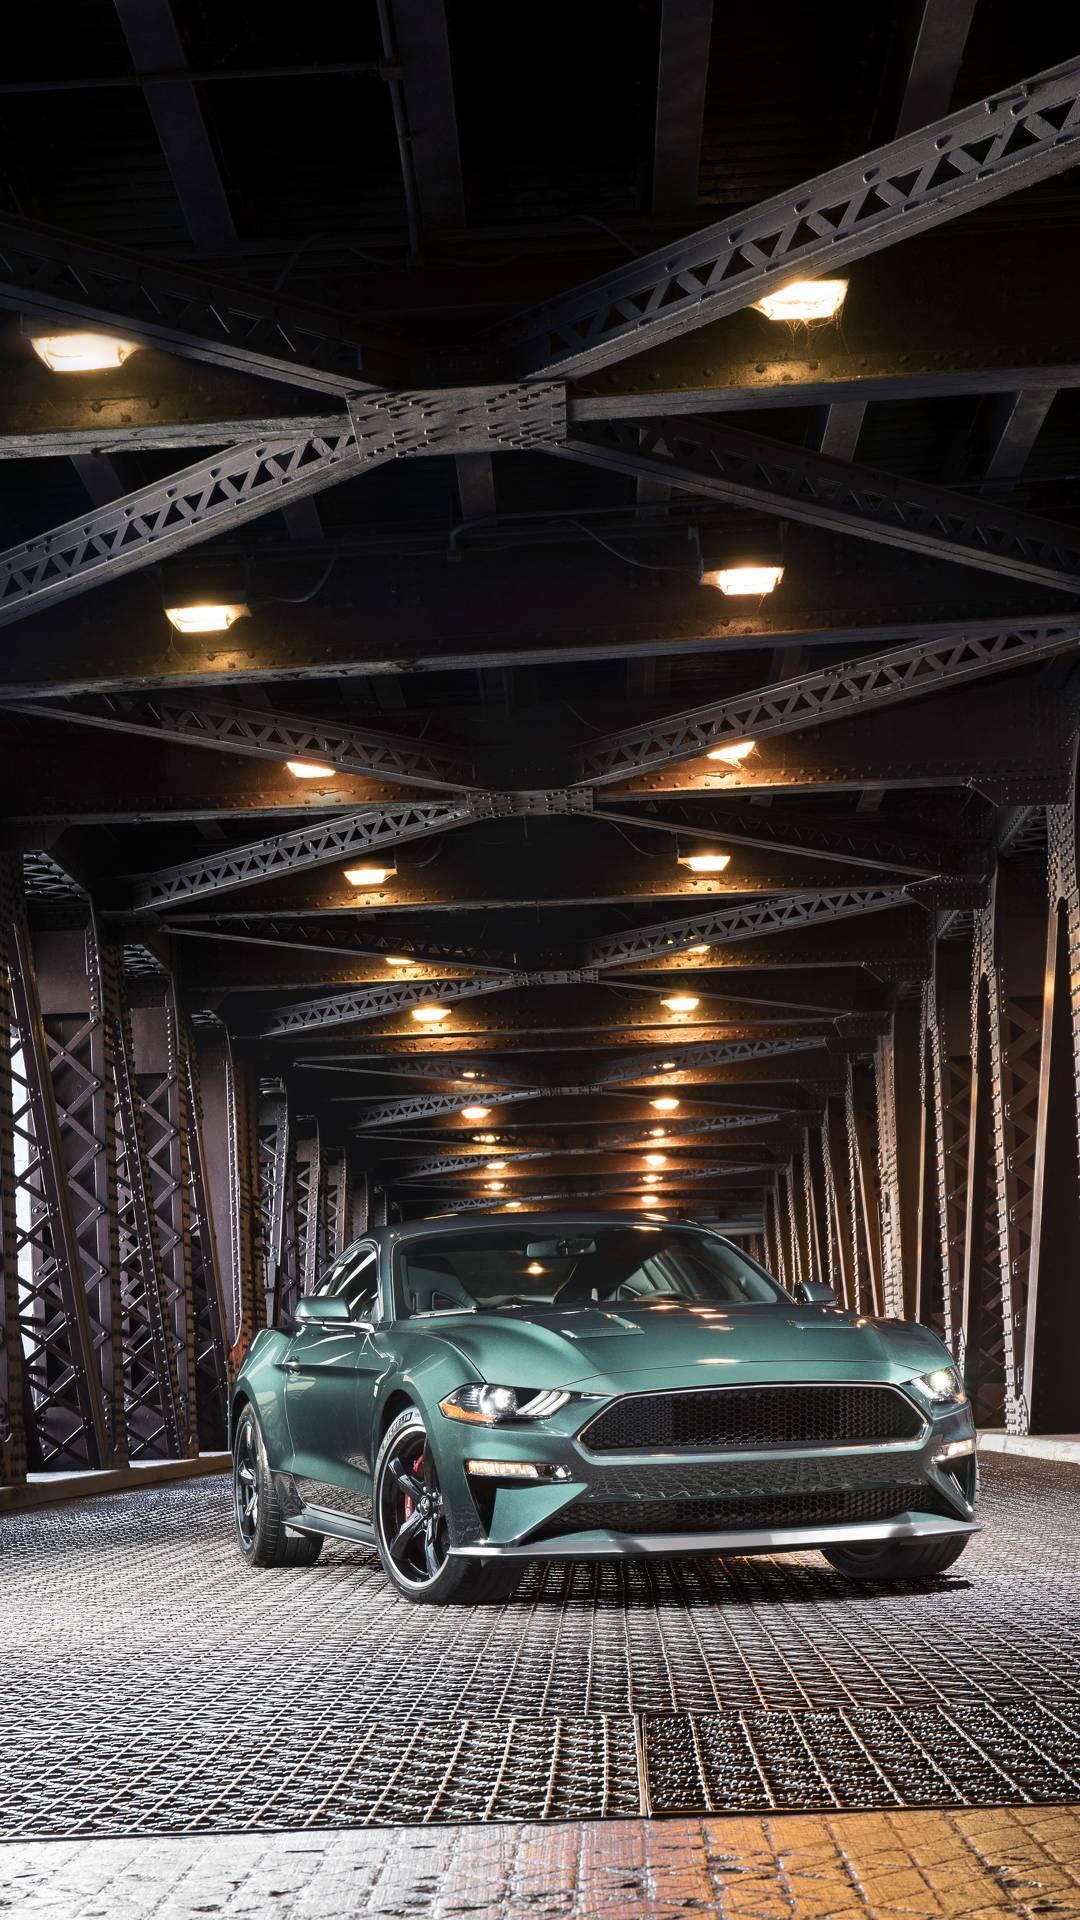 Bullitt Mustang Returns For The 2019 Model Year As Limited